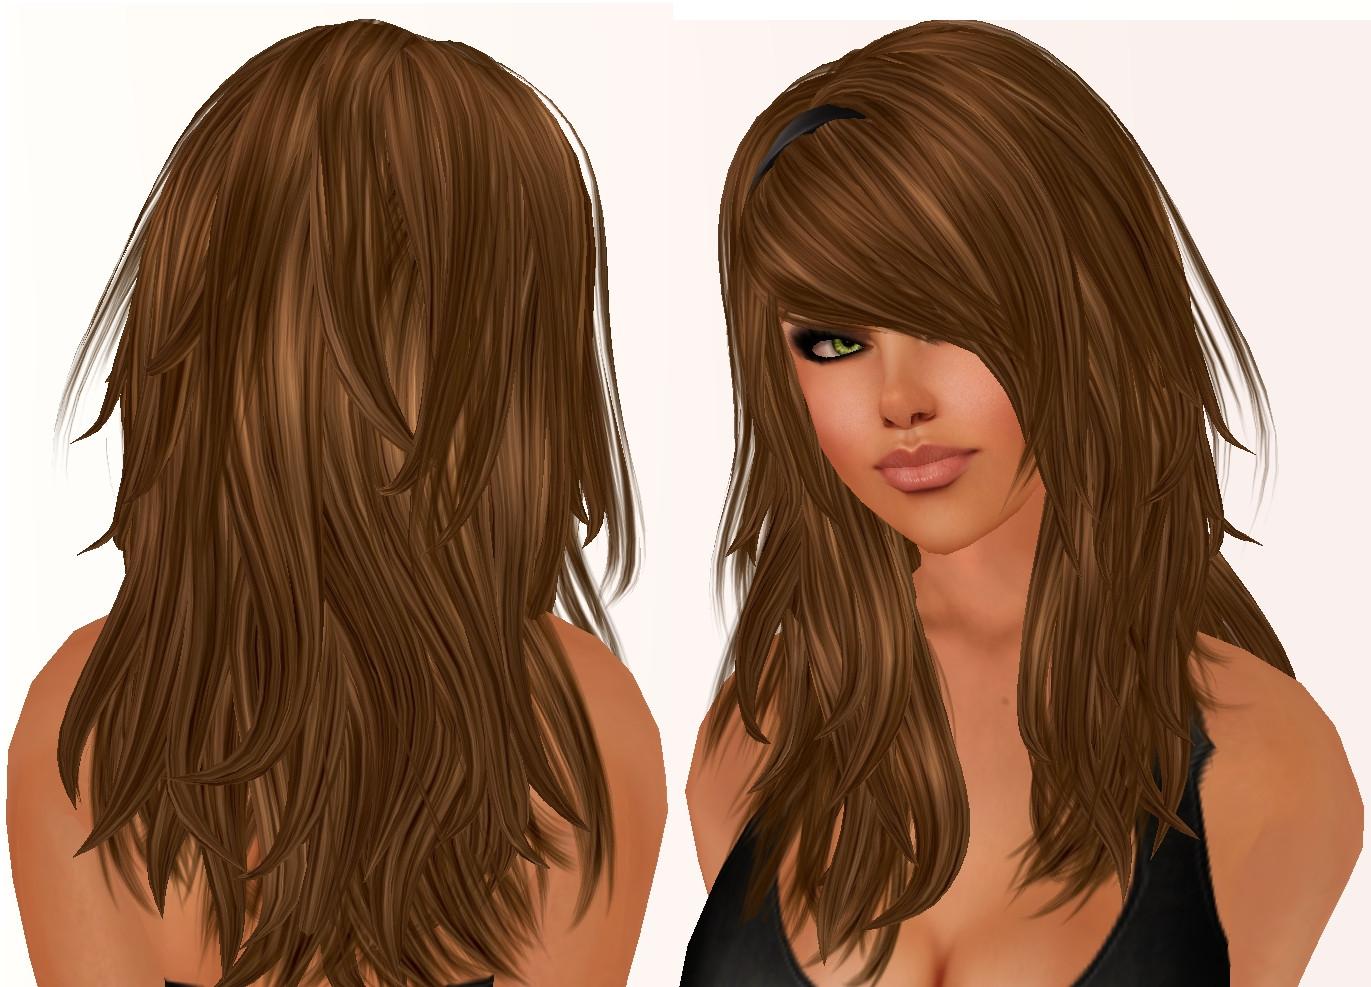 die besten haarschnitt dicke haare - beste wohnkultur